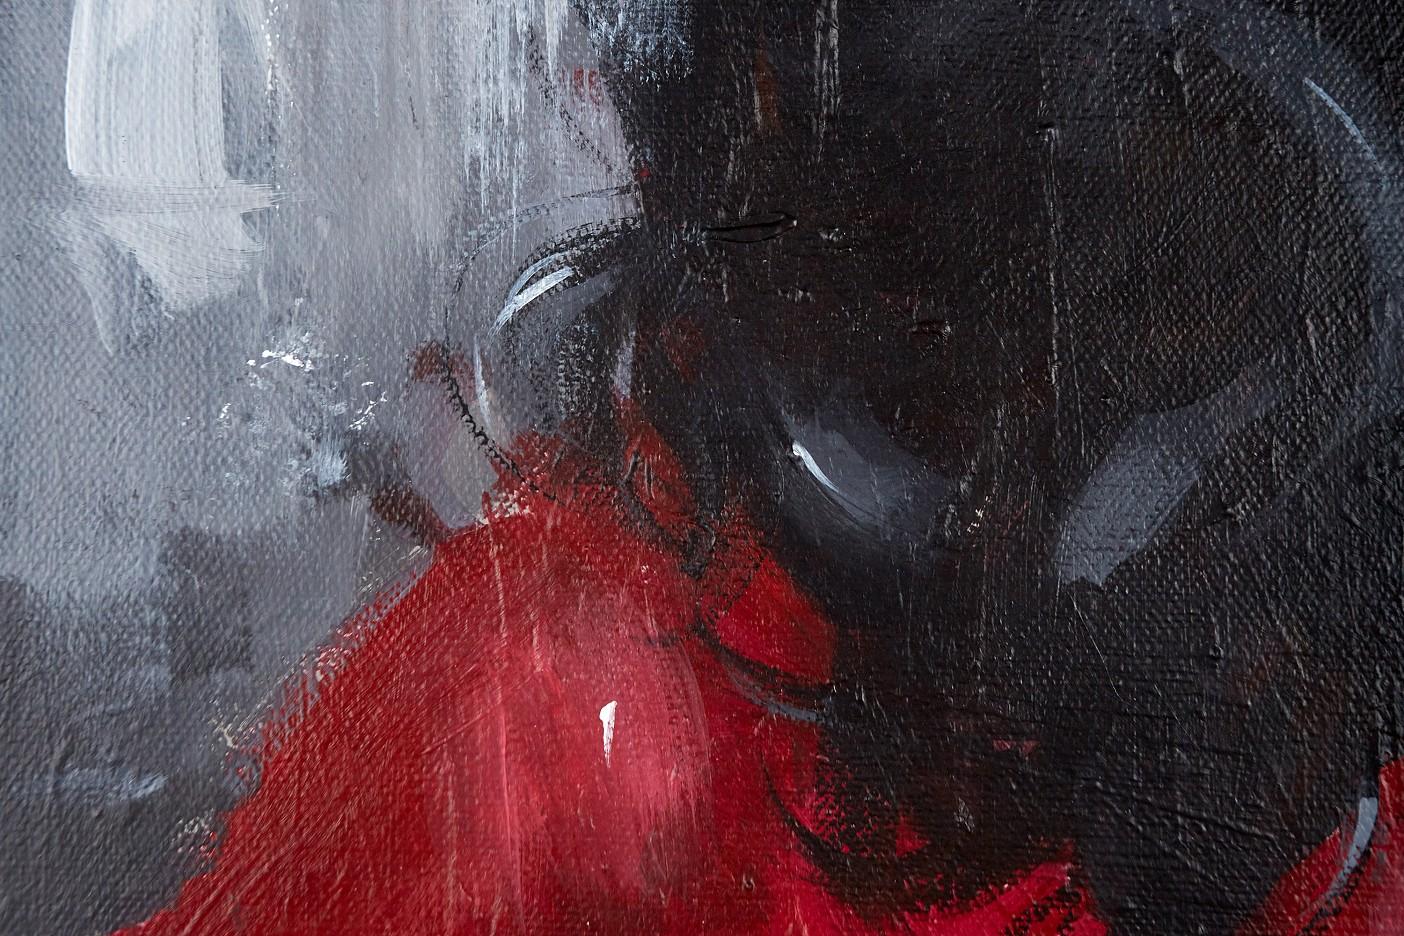 Vamp in black, red, gray